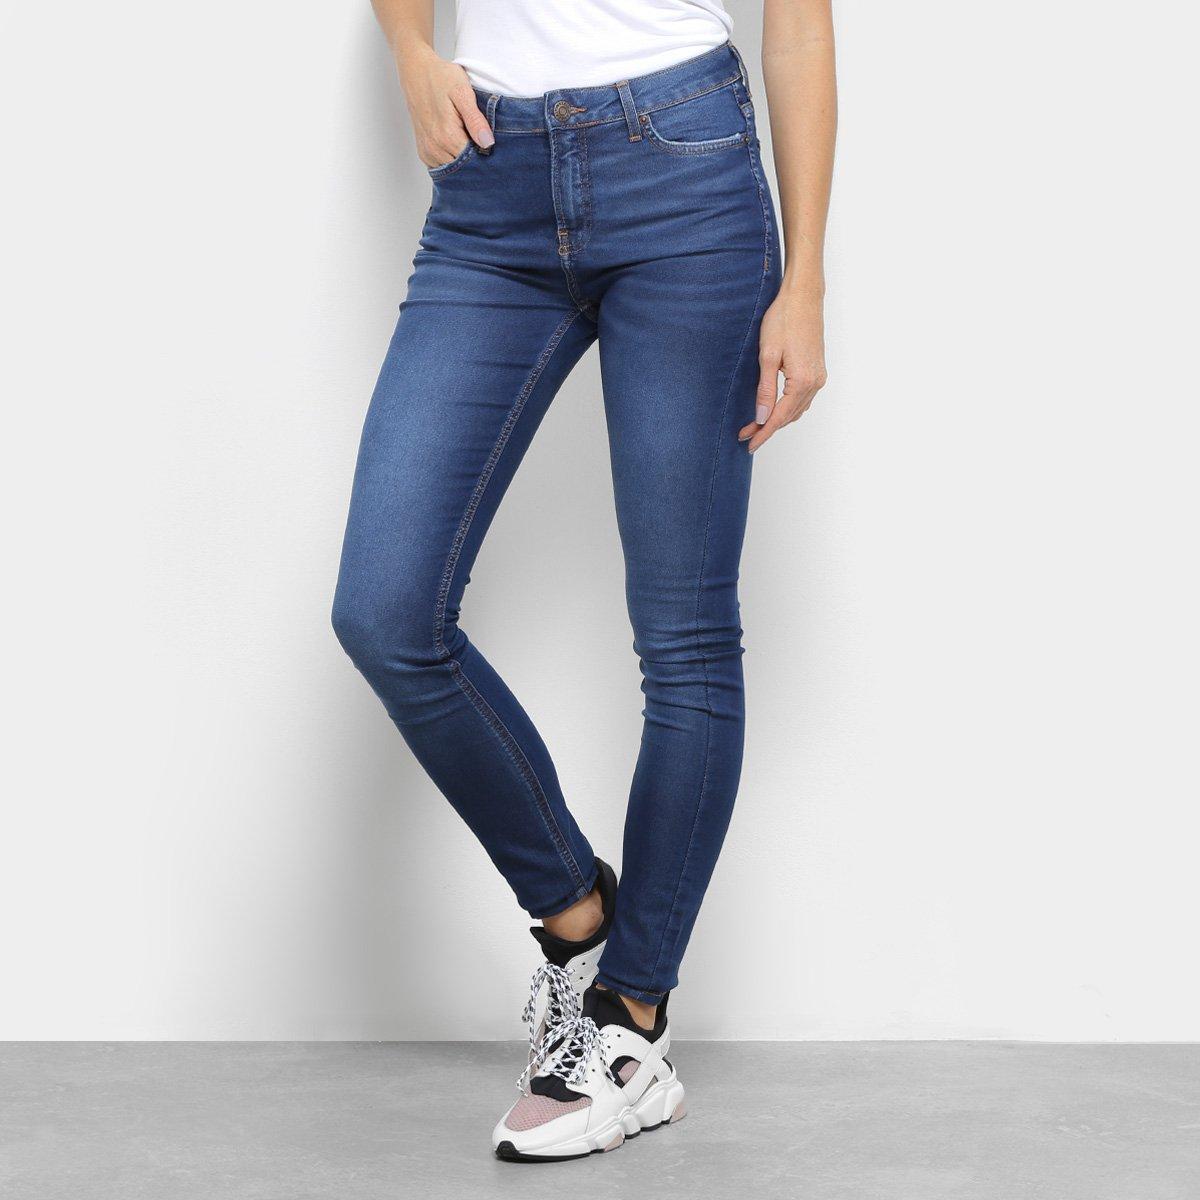 16c659f524c0a Calça Jeans Skinny Calvin Klein Five Pockets Duper Feminina